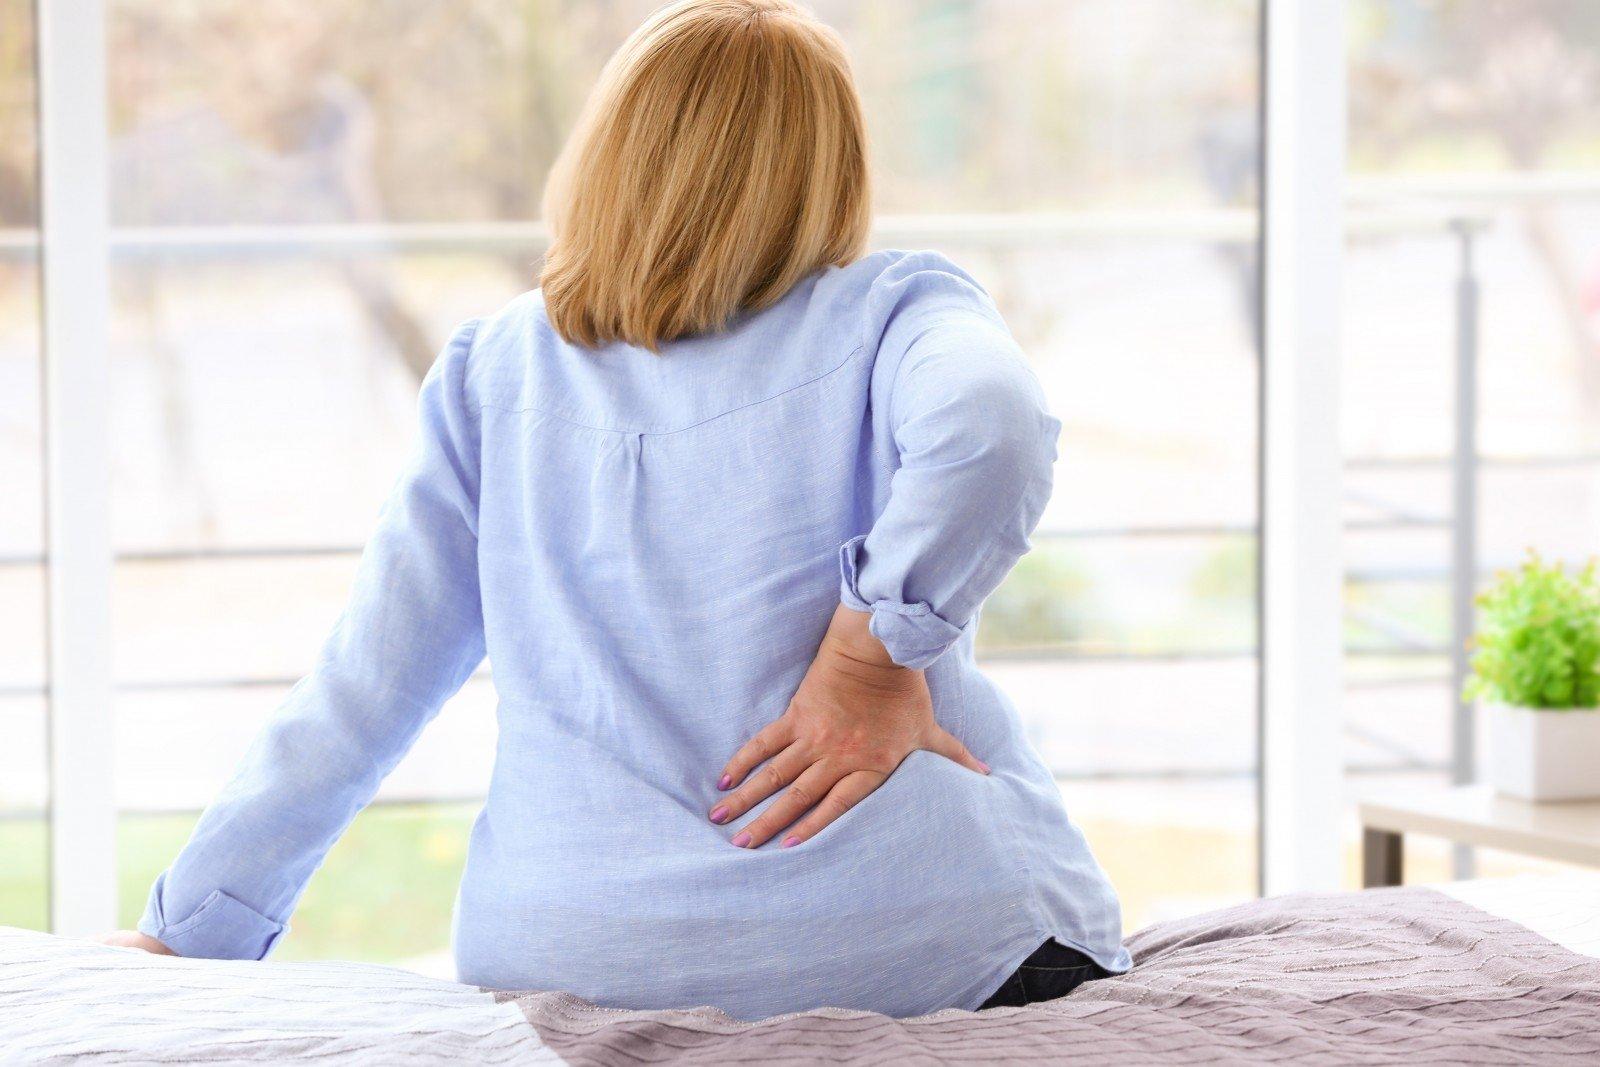 lentelės su nugaros skausmas ir sąnarių